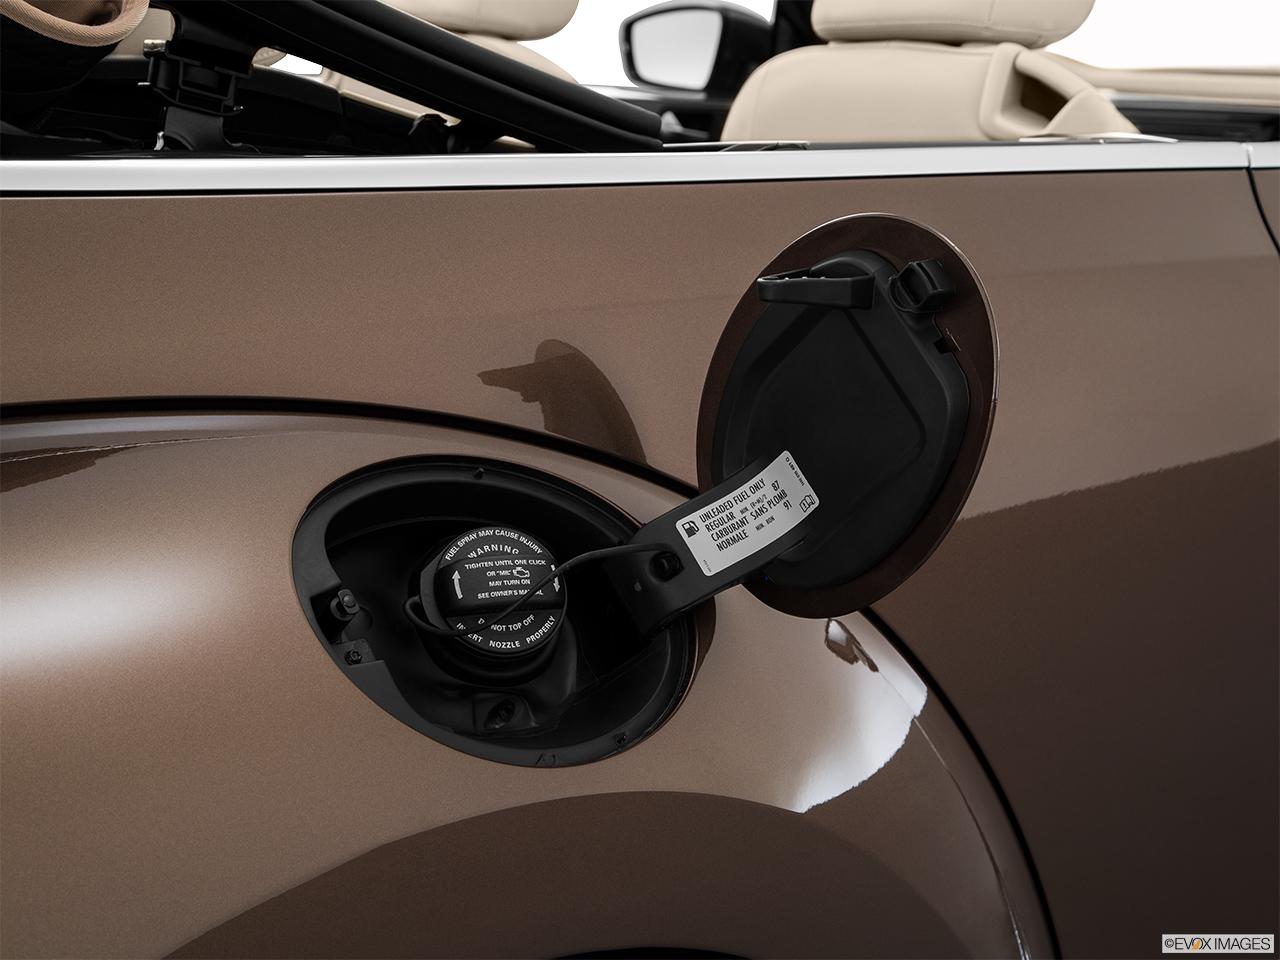 Volkswagen Beetle Convertible >> 2015 Volkswagen Beetle Convertible 2 Door Manual 2.0L TDI - Gas cap open